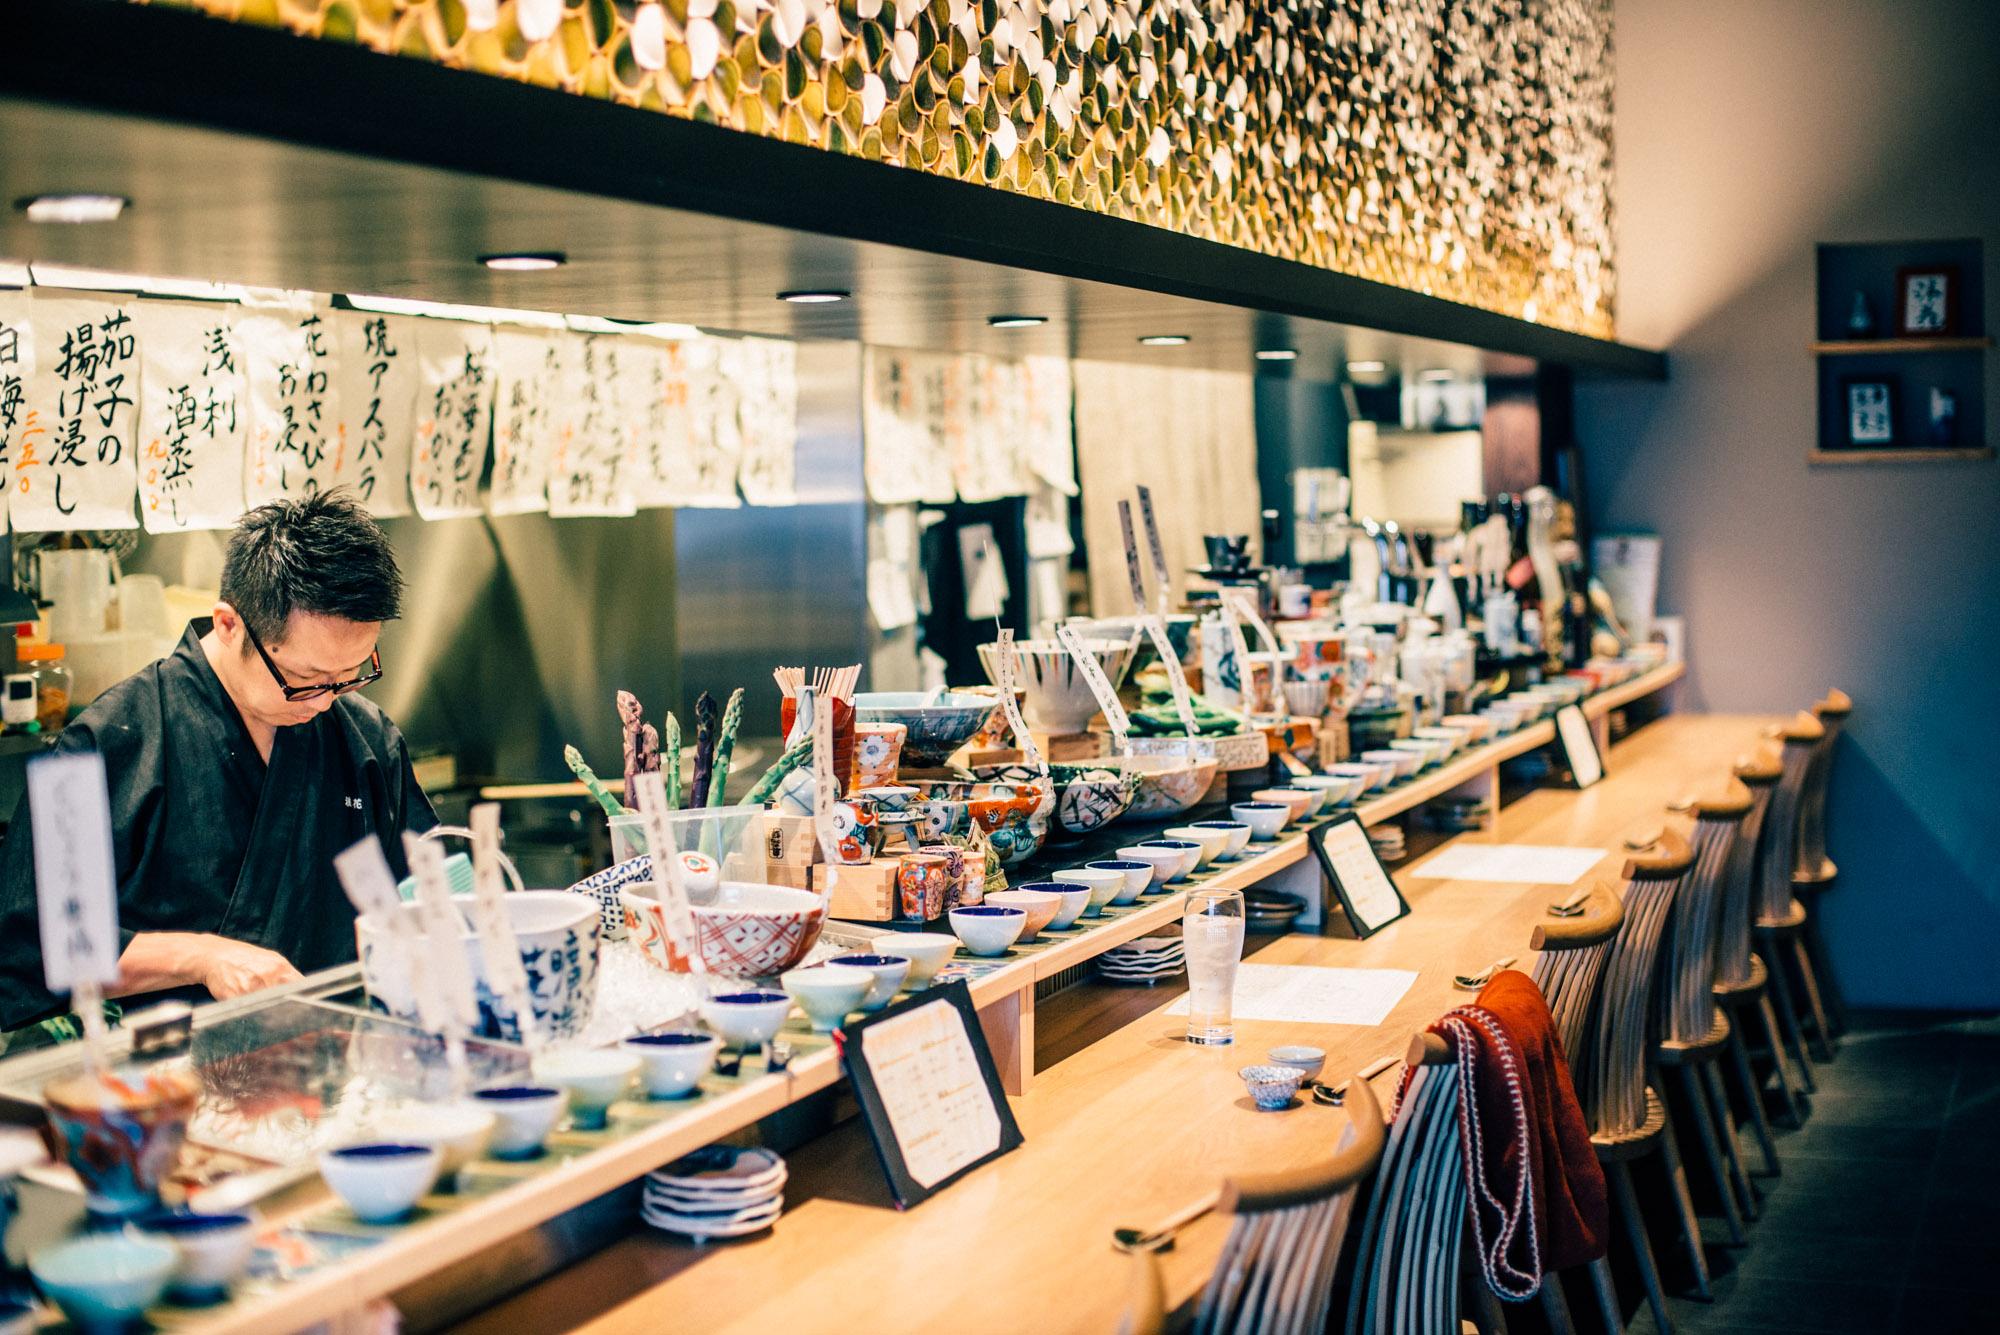 目でも舌でも楽しめる!多治見の小料理屋「美濃焼和食割烹 二代目 浪花」が最高でした!